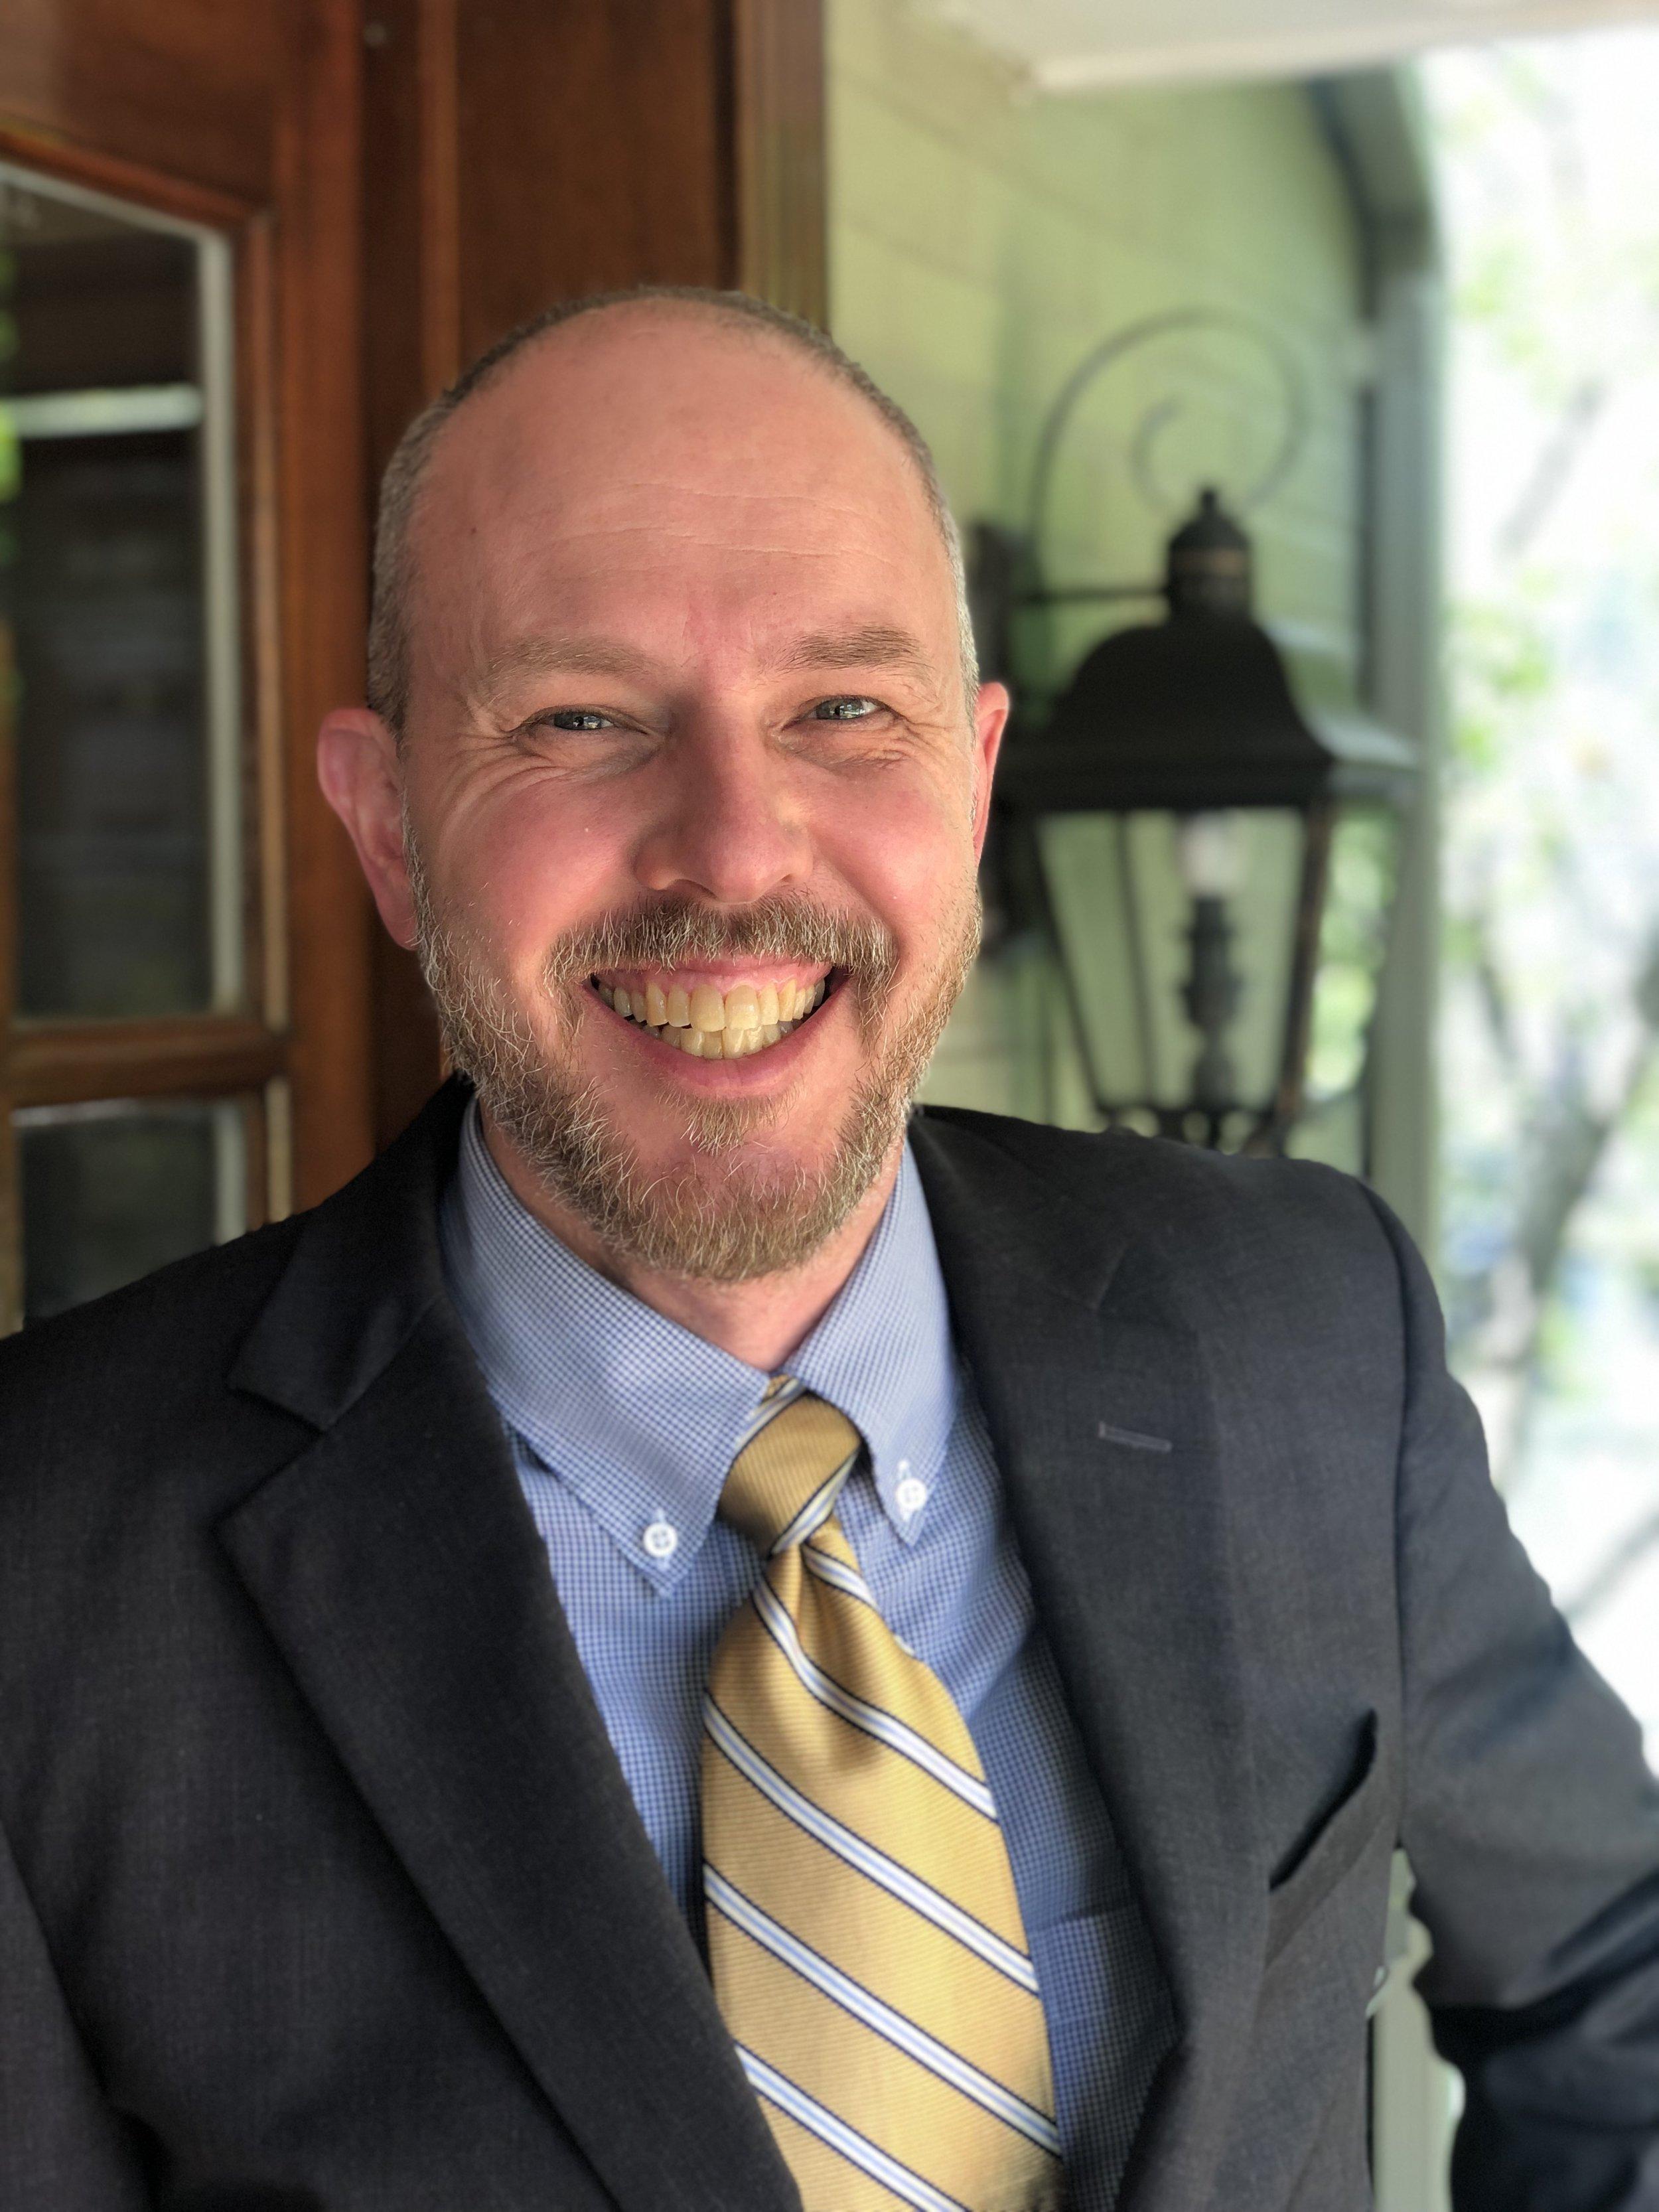 Jason S. Retter, Member